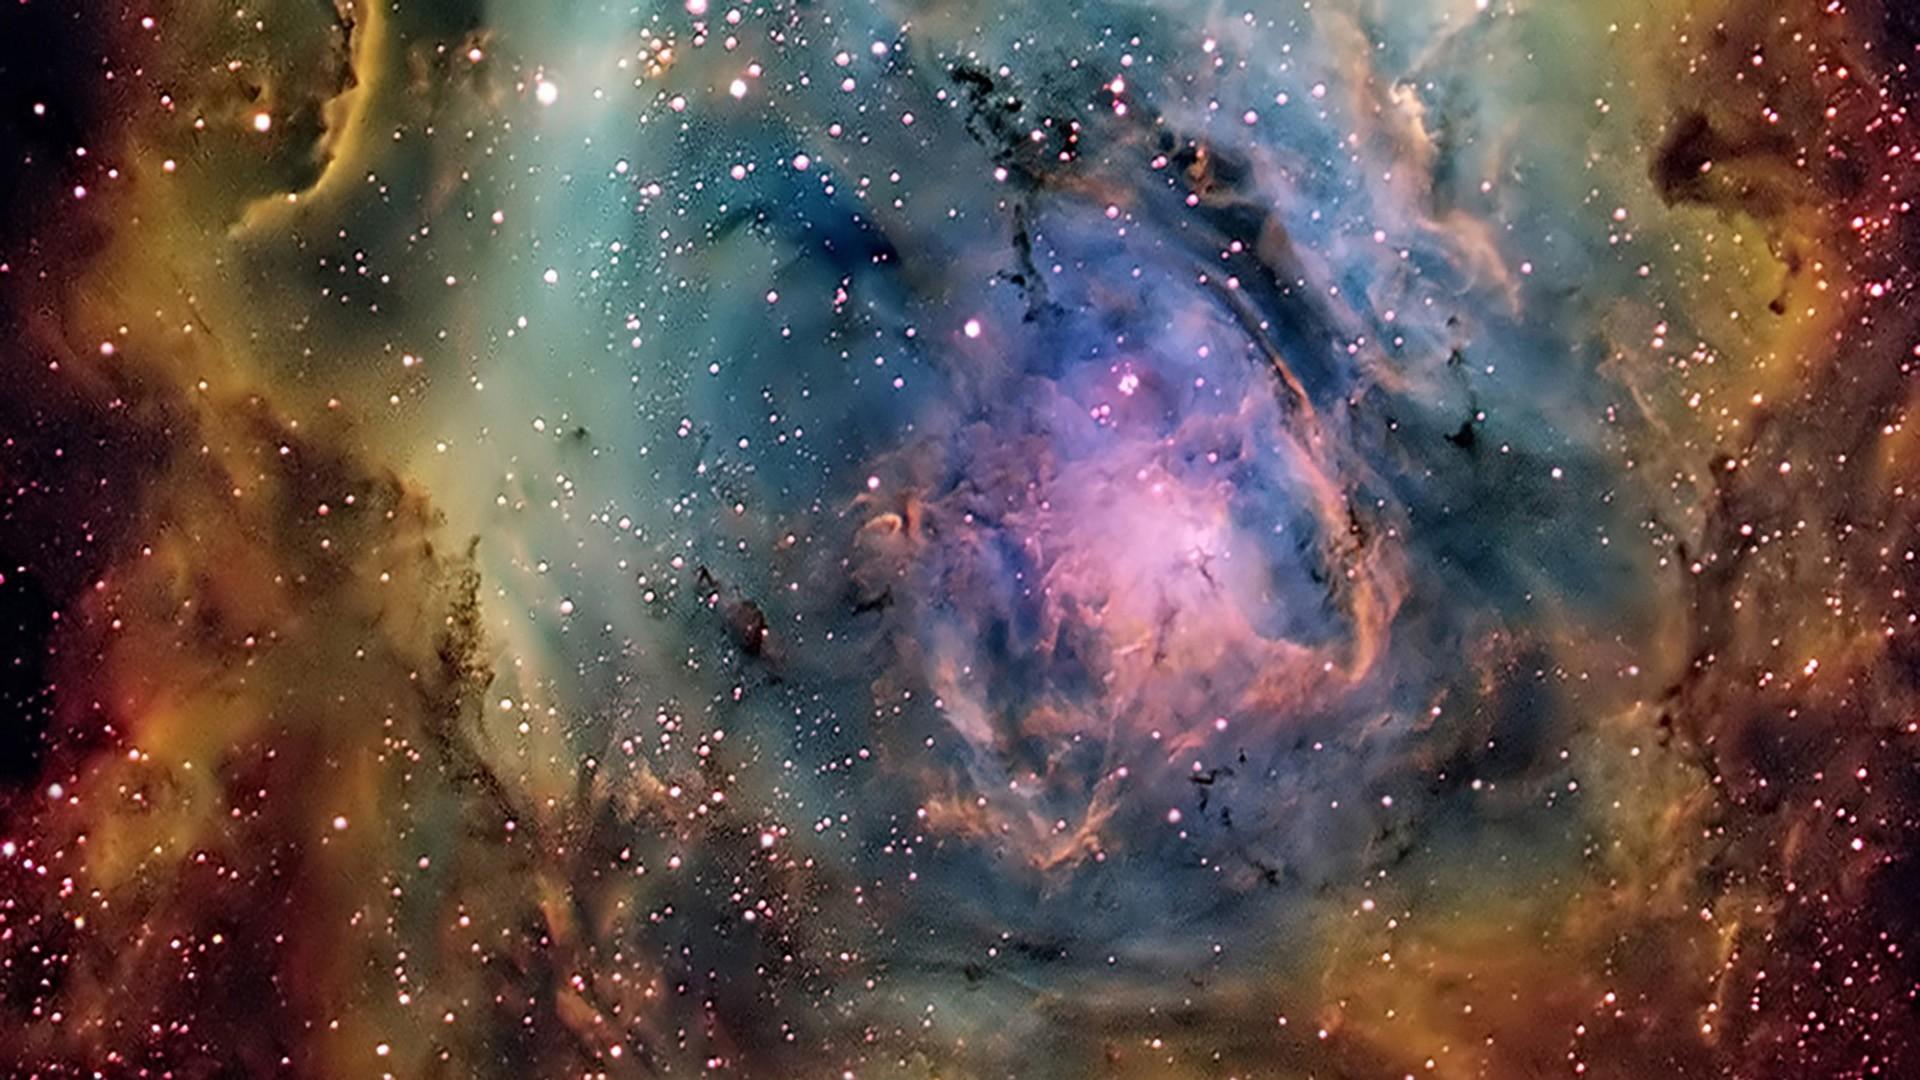 Wonderful Wallpaper High Resolution Nebula - Nebula-Wallpaper-012  Image_218299.jpg